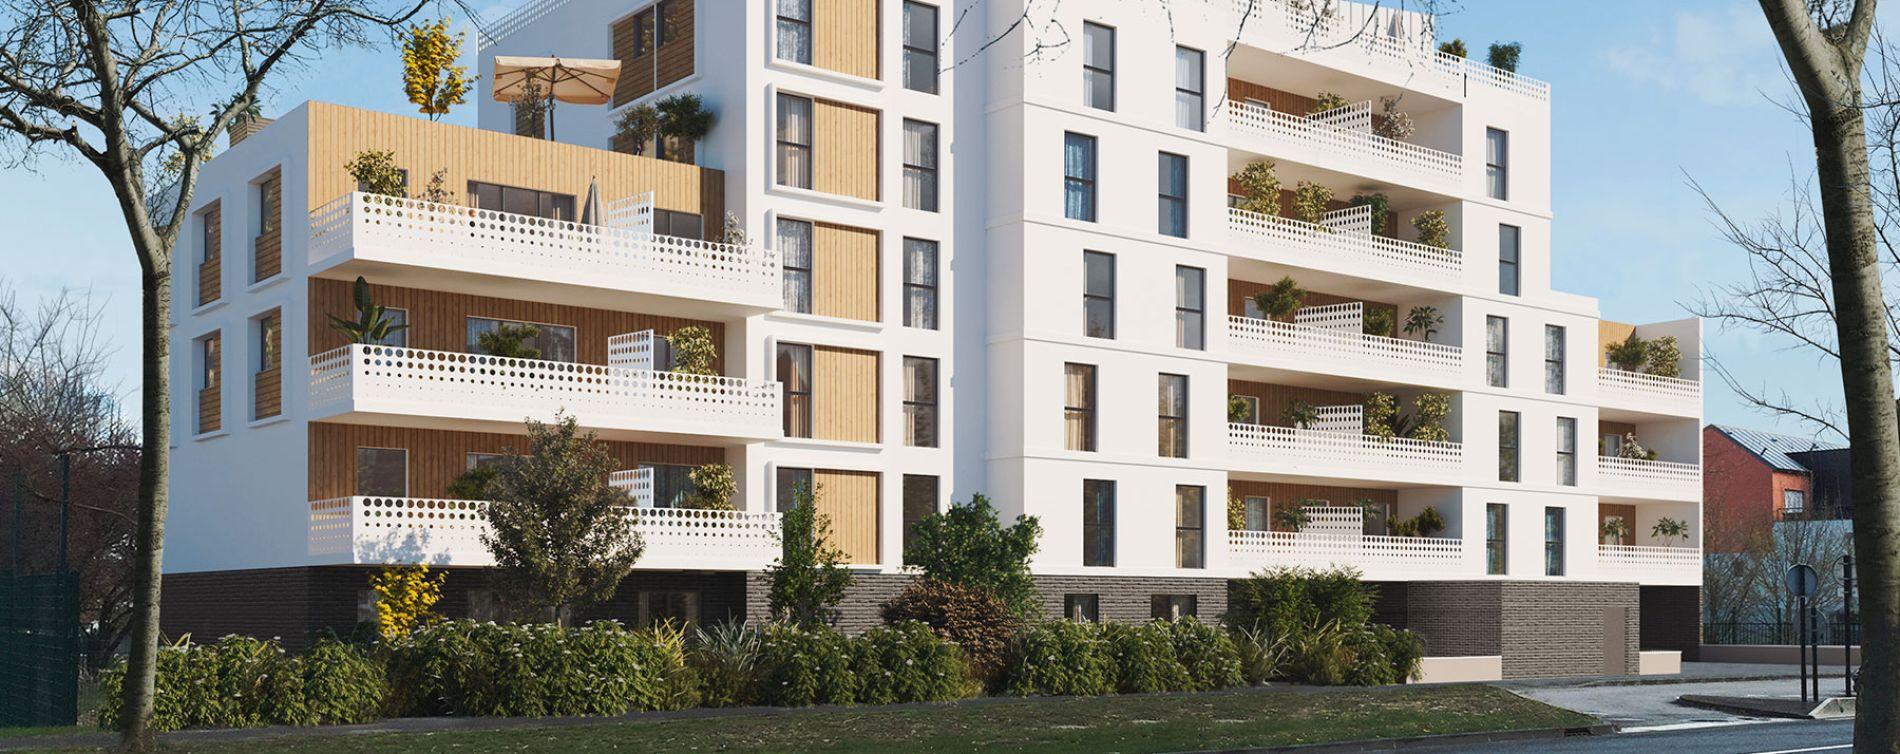 Résidence Villa Pix'iel à Lognes